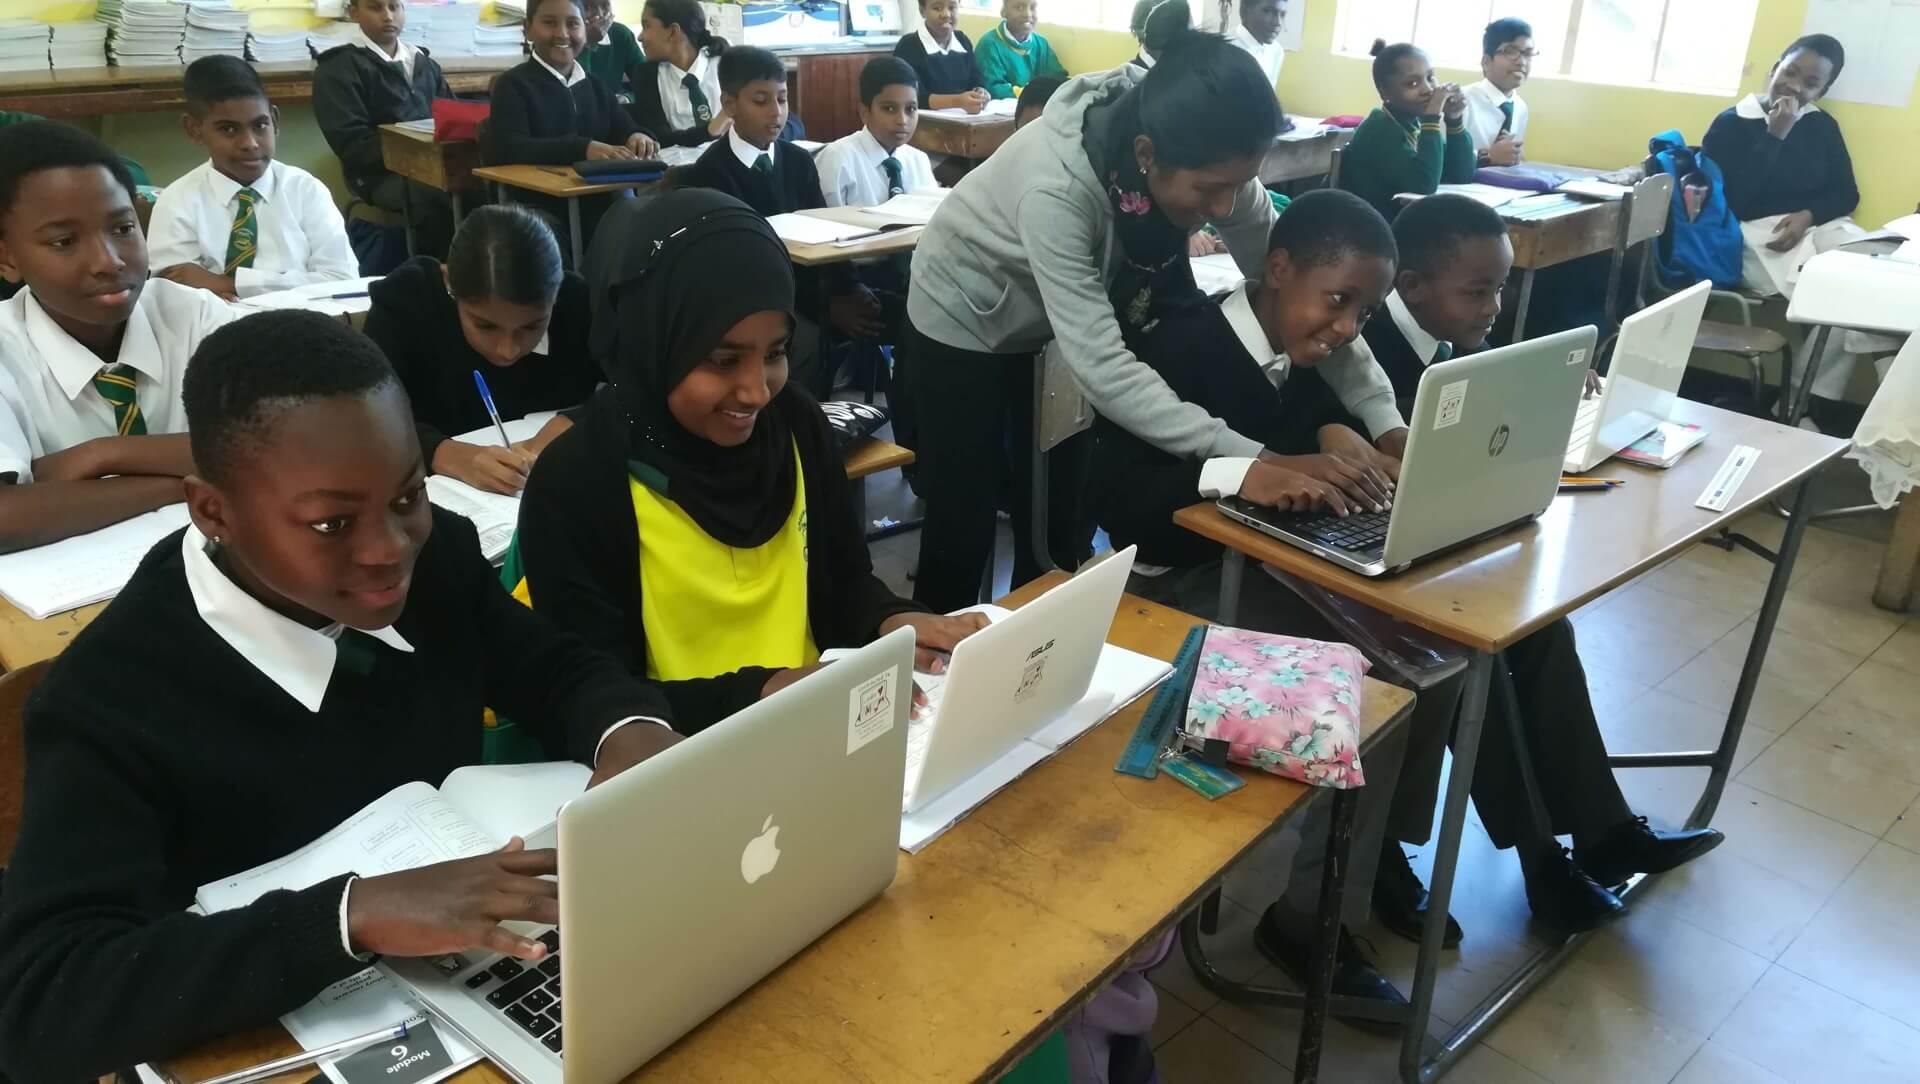 Schulkinder in Südafrika freuen sich über die Laptop-Spende